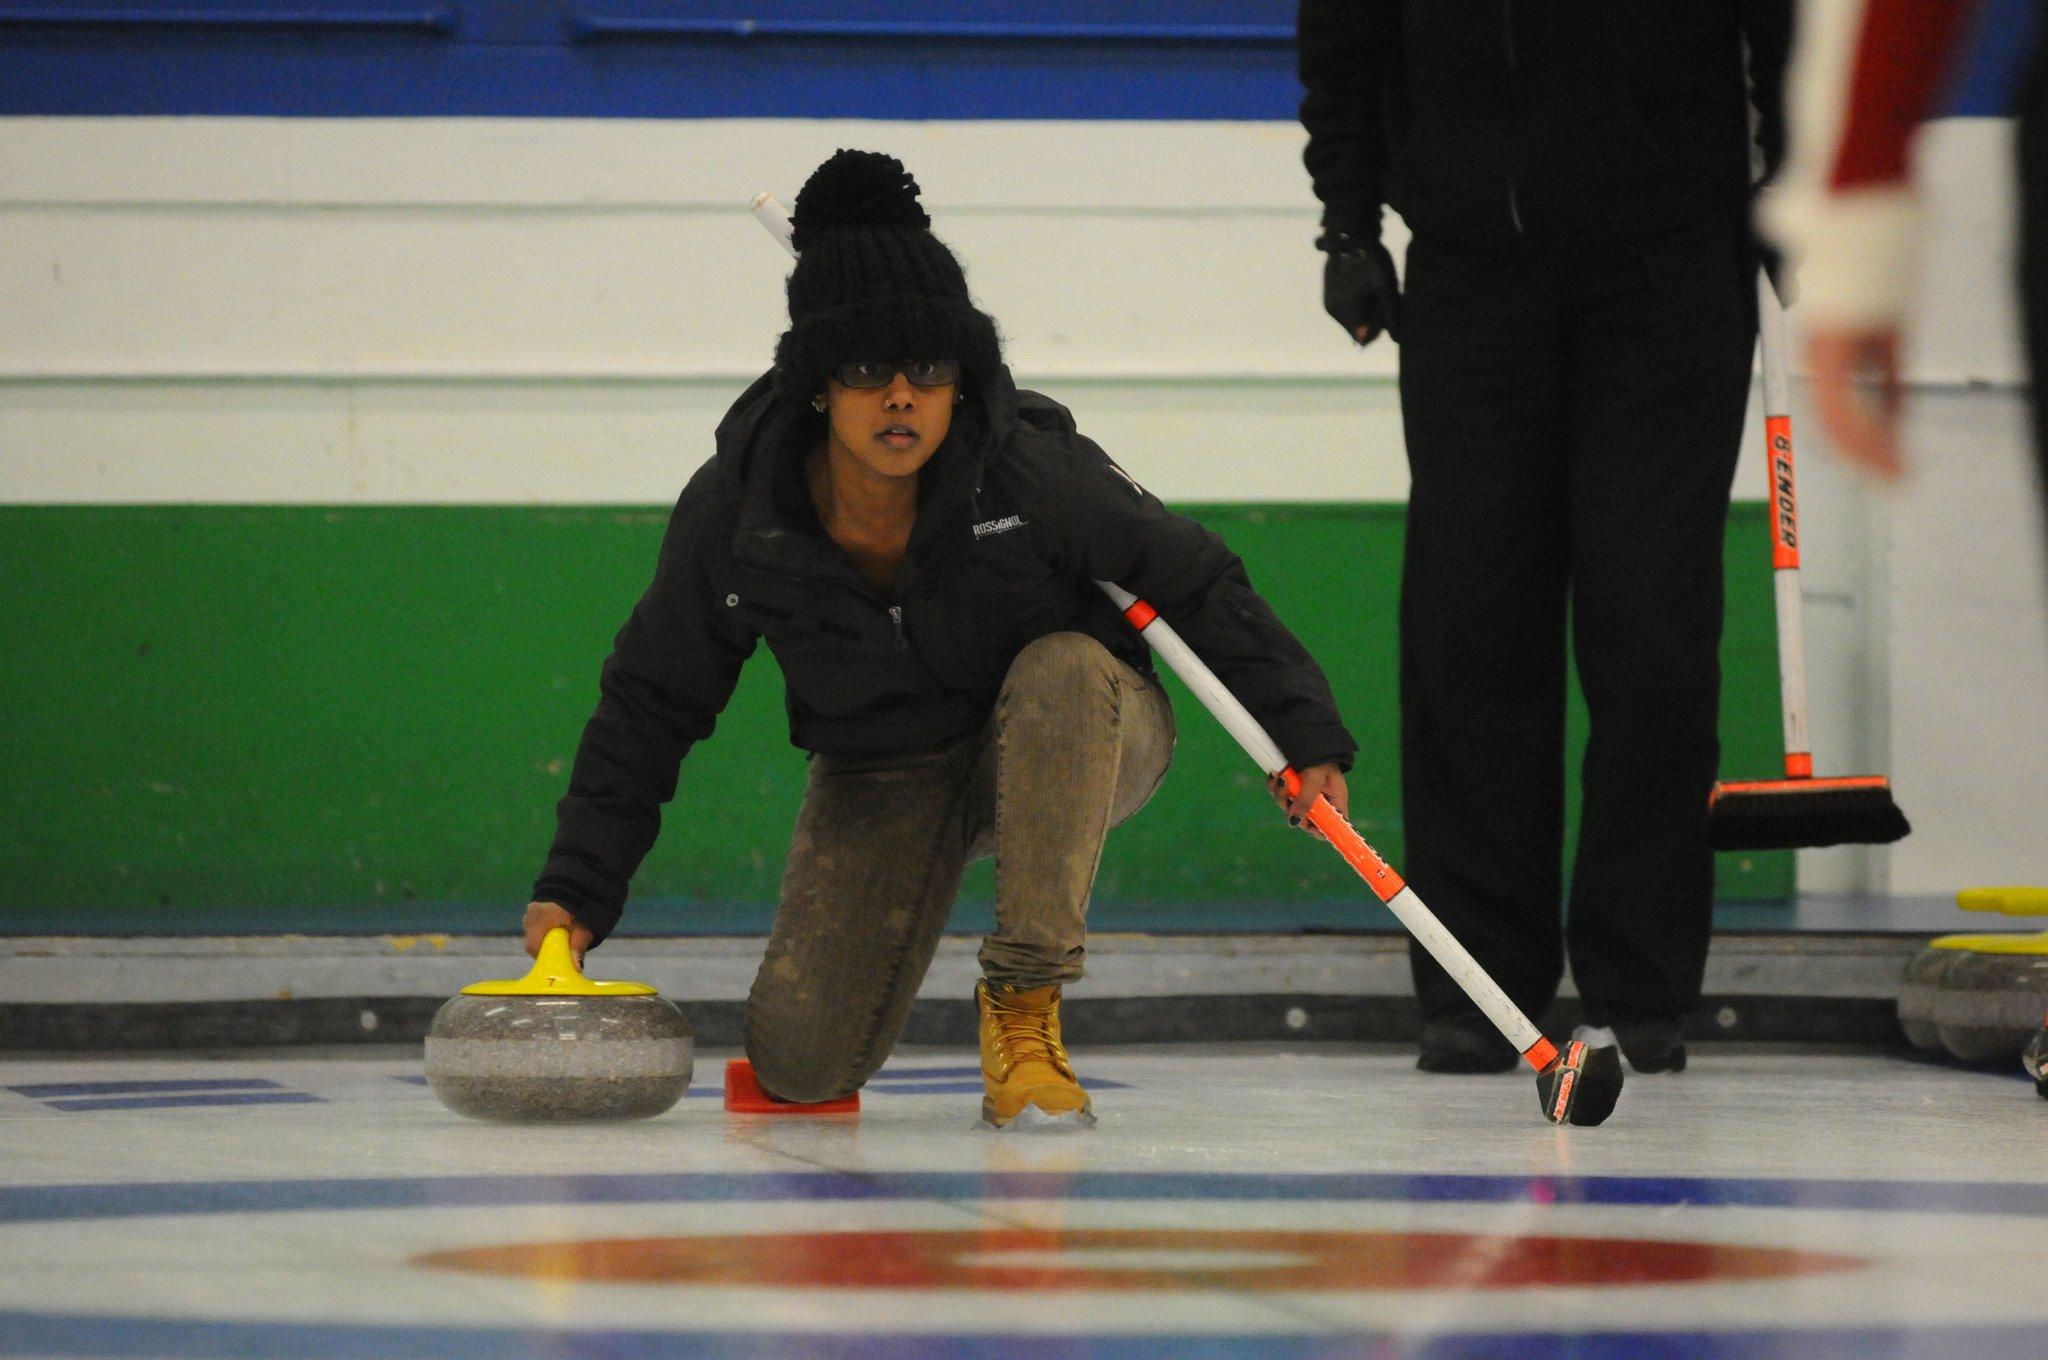 Participei de um torneio de curling canábico